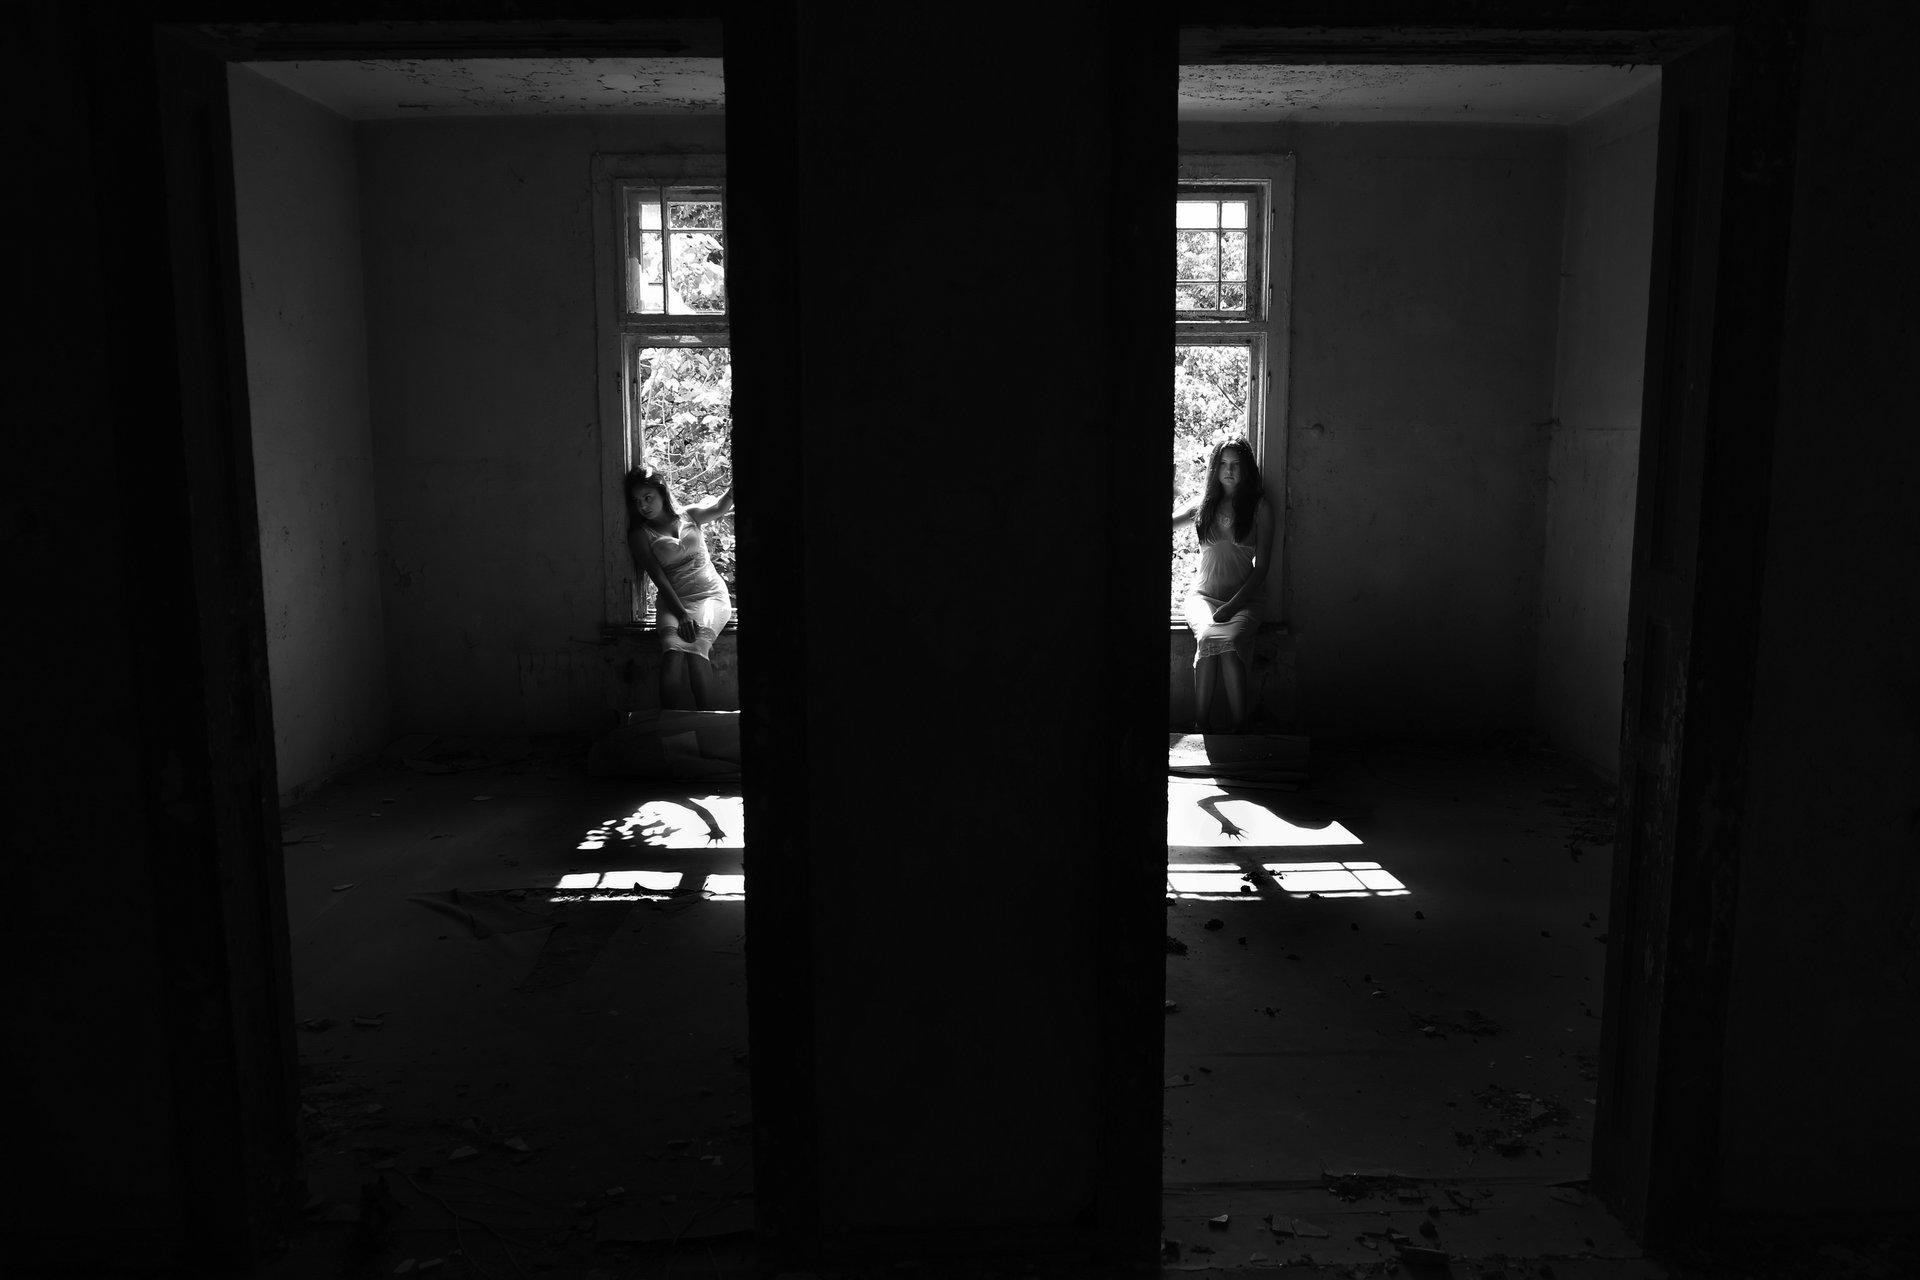 две стаи | Author rumen somov - carnivore | PHOTO FORUM